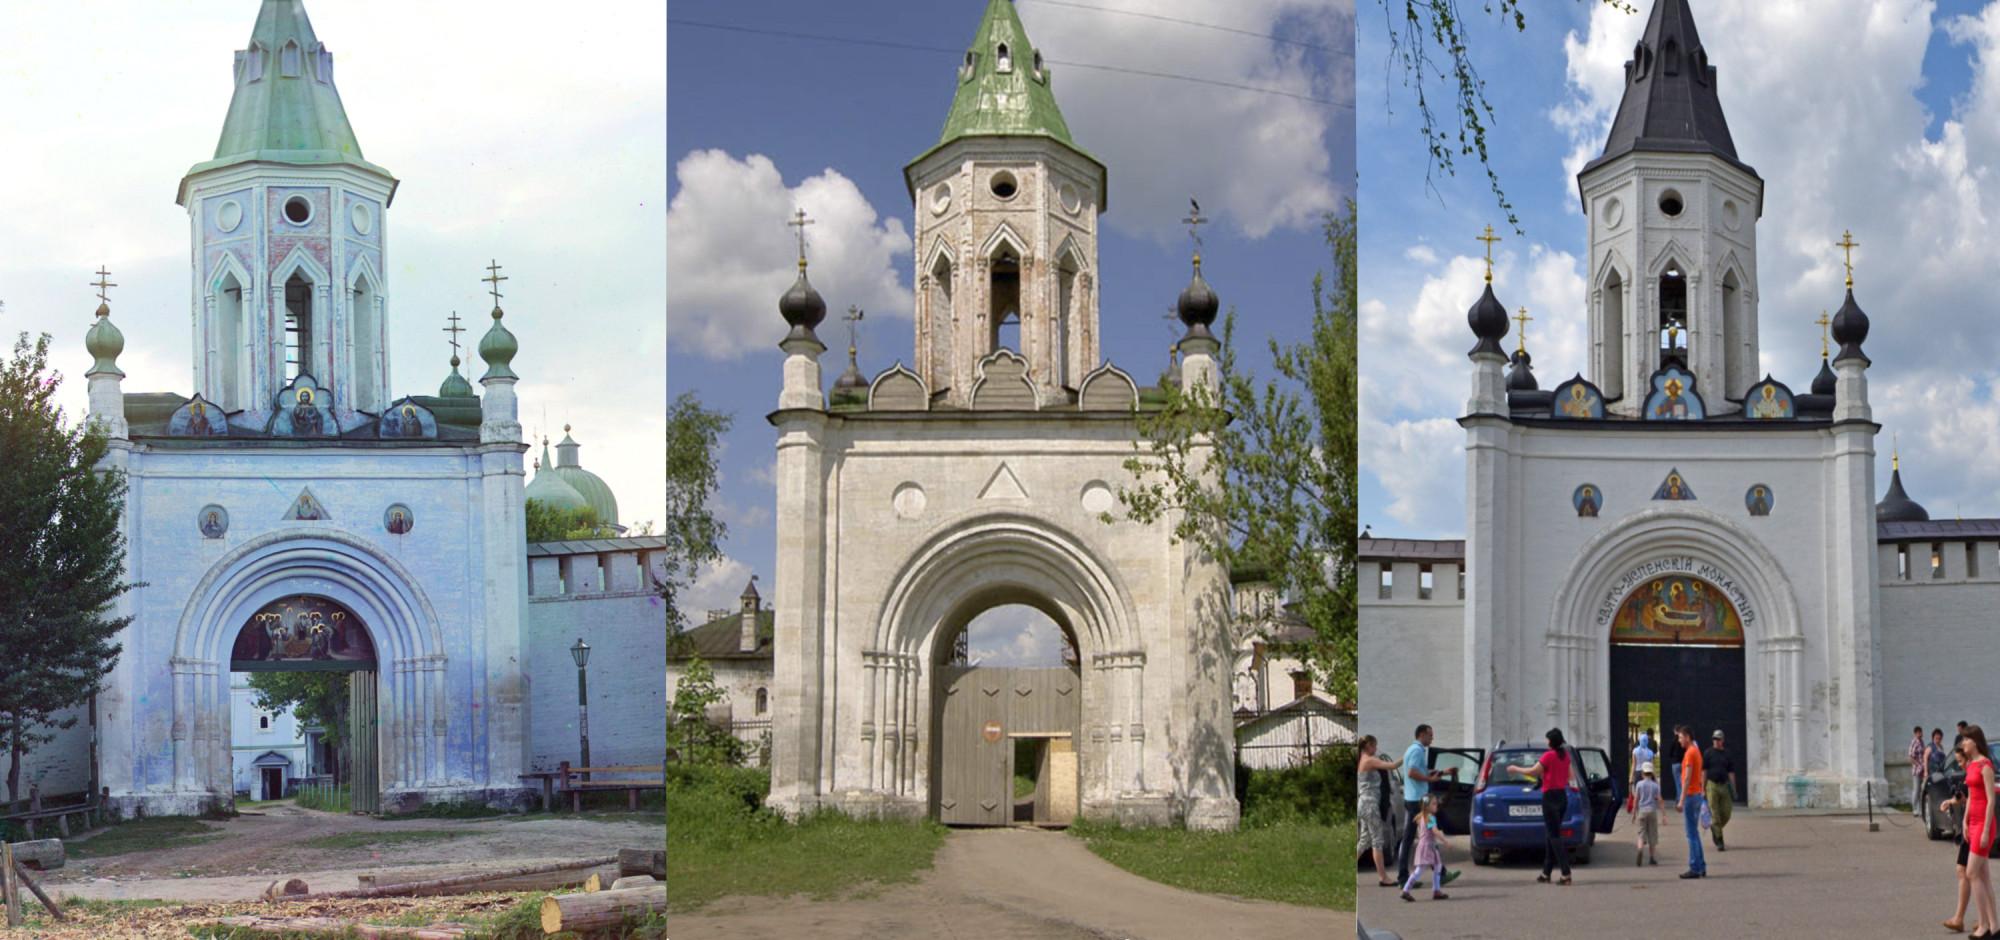 Старица. Южные Святые ворота Успенского монастыря 1910-2004-2013